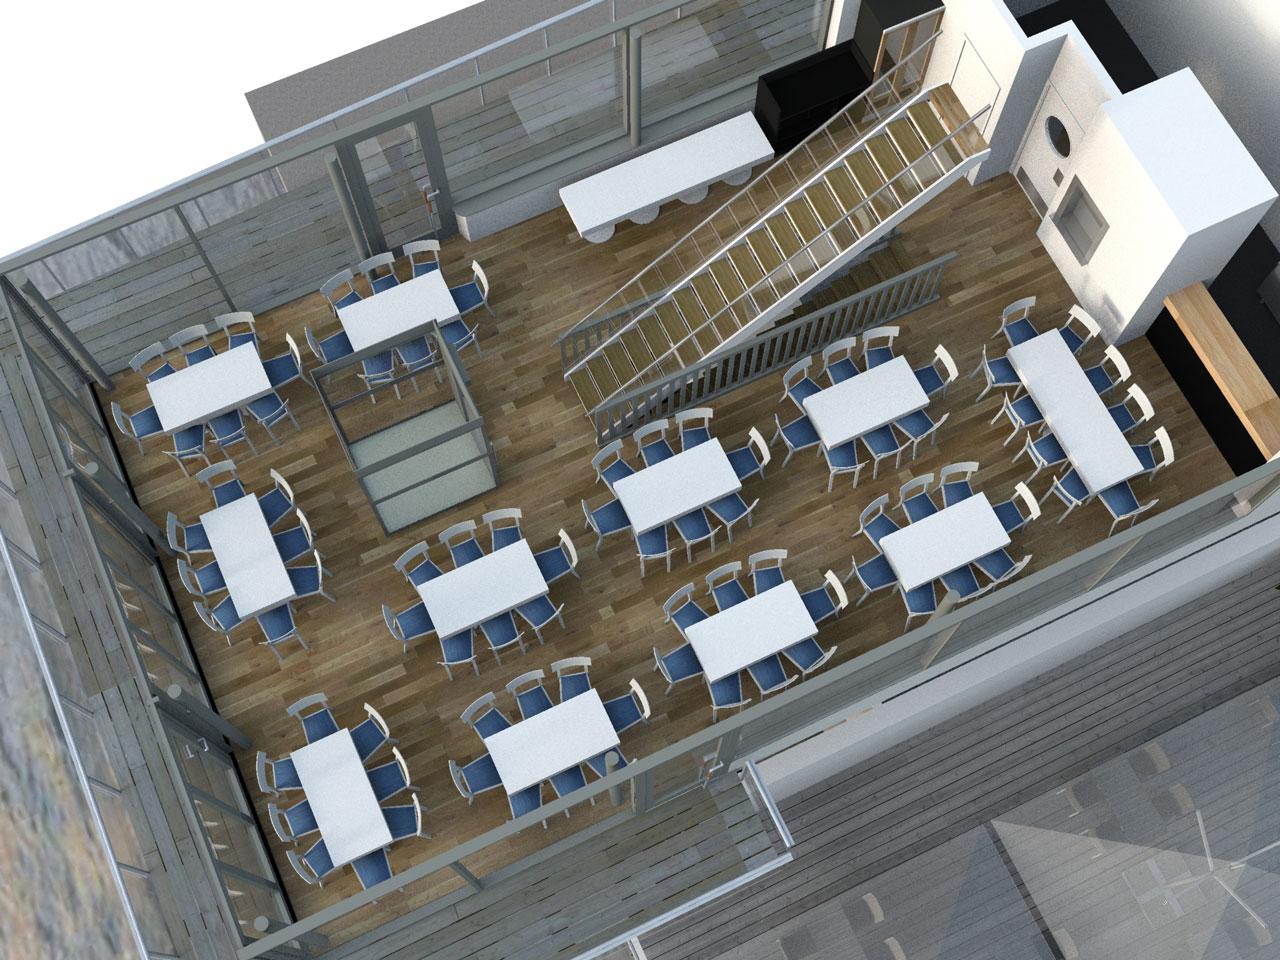 Placeringsskiss, Docklands Festvåning, 90 mingelgäster